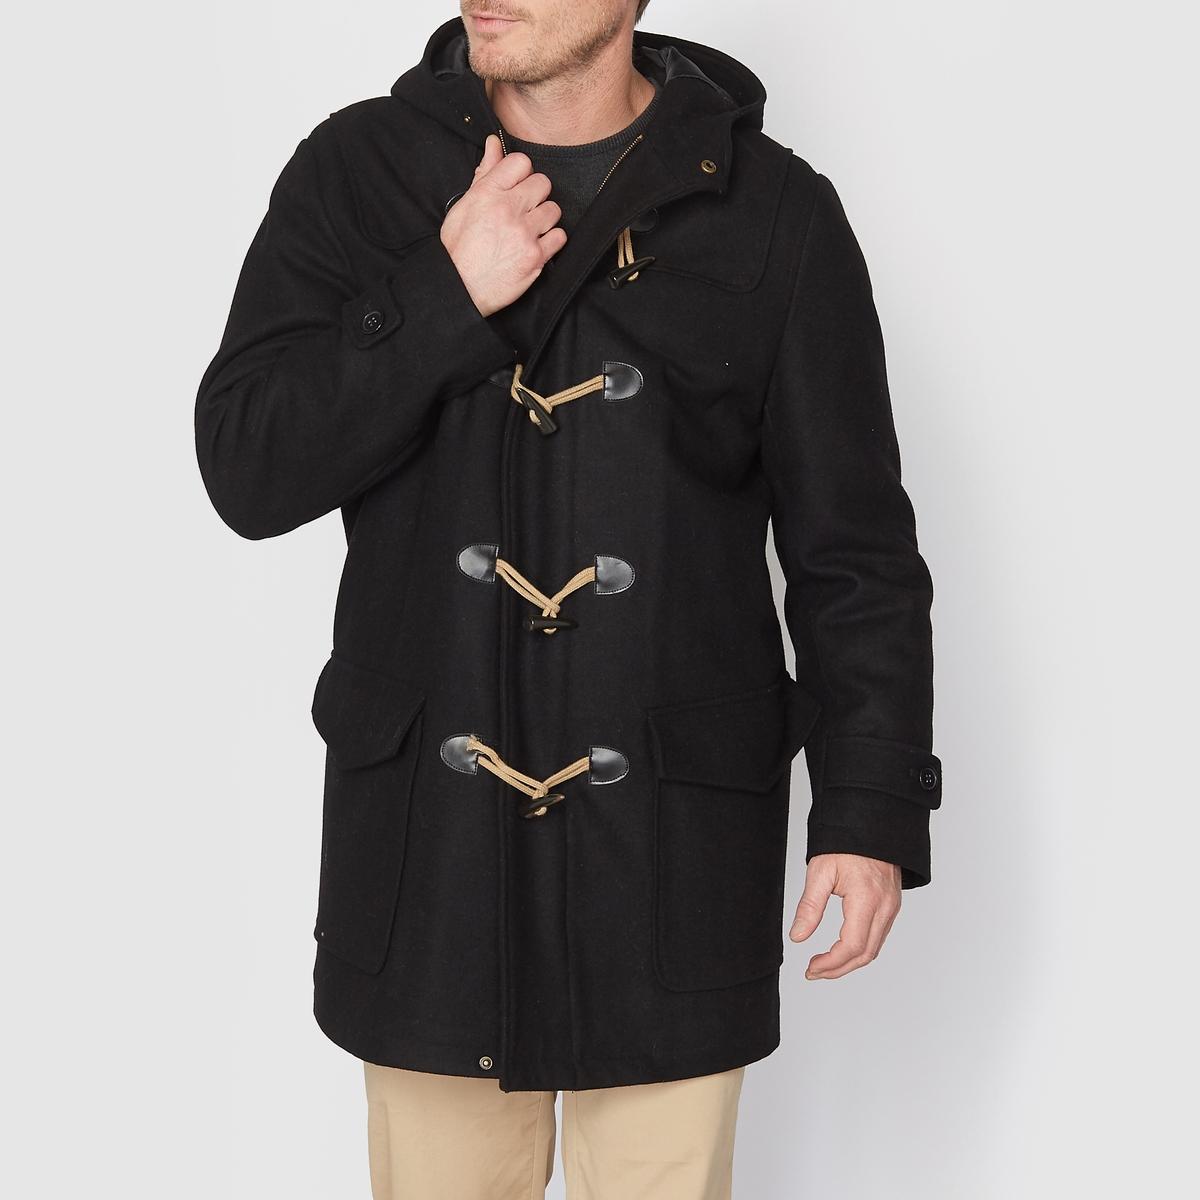 Пальто короткое с капюшоном драповоеКороткое пальто с капюшоном. Отличный элемент зимнего гардероба! С капюшоном. Драп: 65% шерсти, 25% полиэстера, 5% других волокон, 5% акрила, двойная подкладка 100% полиэстер. Длина 89 см.Застежка на молнию, застежки-петли из шнура, пуговицы с имитацией шнура. 2 накладных кармана. 2 внутренних кармана. Манжеты с застежкой-планкой на пуговицы.<br><br>Цвет: черный